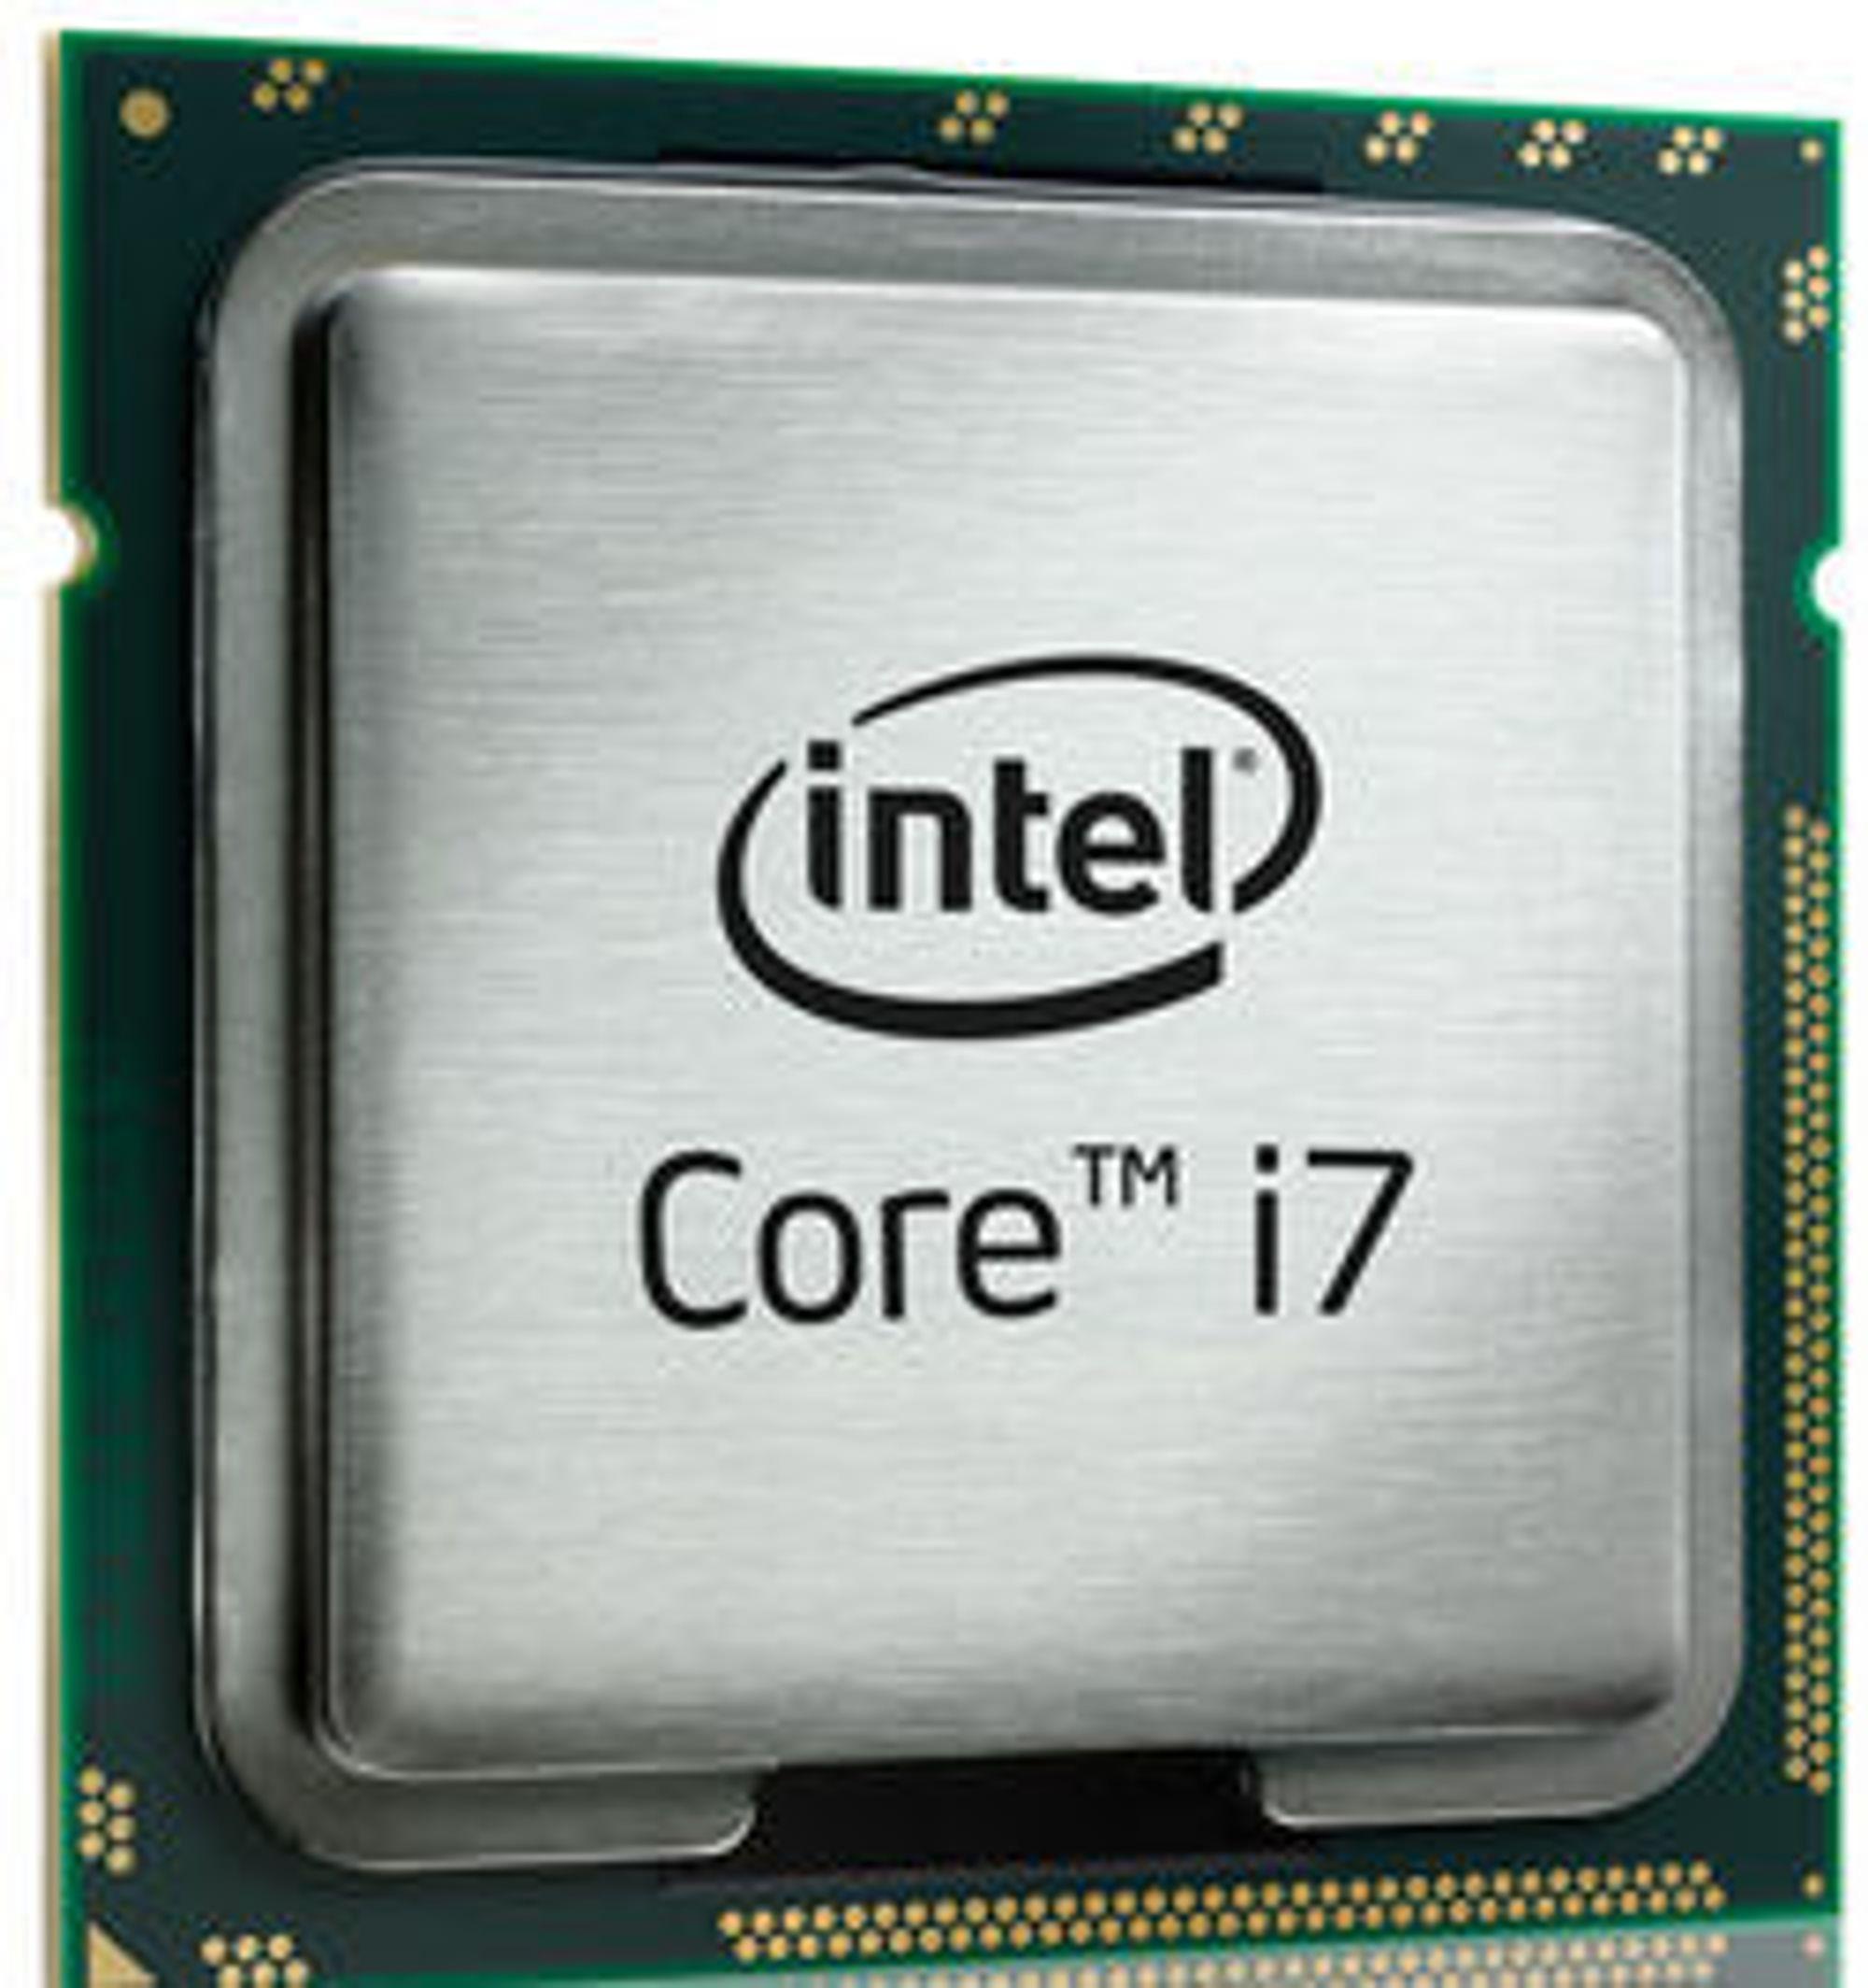 Prisen på Intel Core i7 blir ikke rørt i denne omgang.